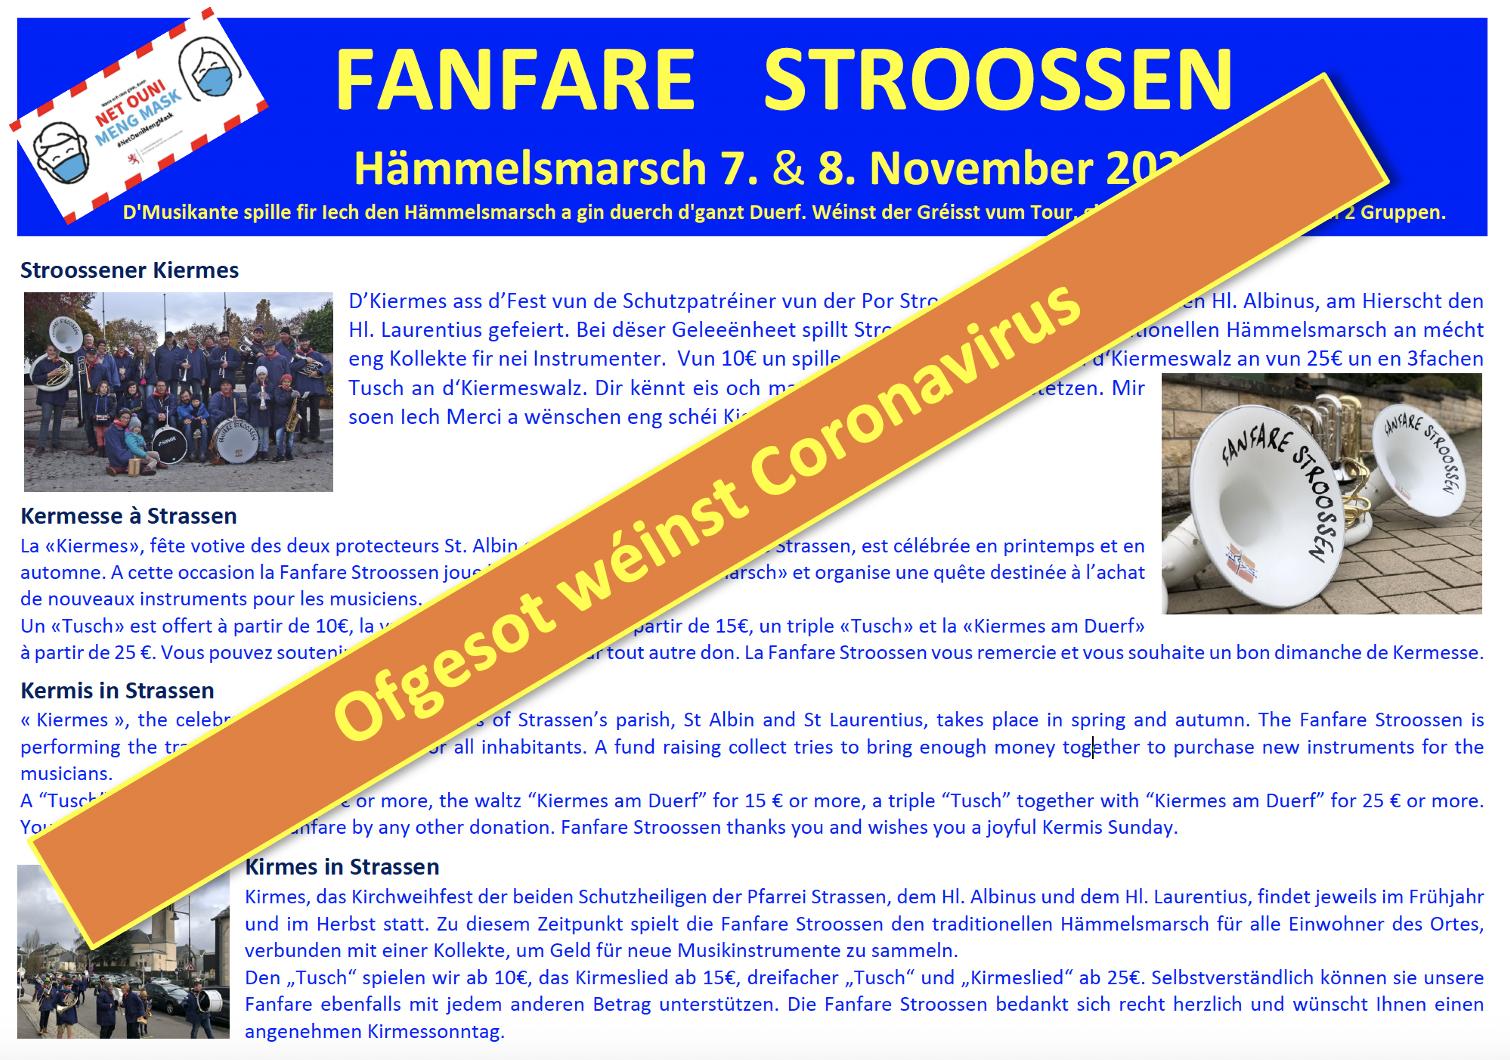 OFGESOT! 7. & 8. November 2020 Hämmelsmarsch zu Stroossen